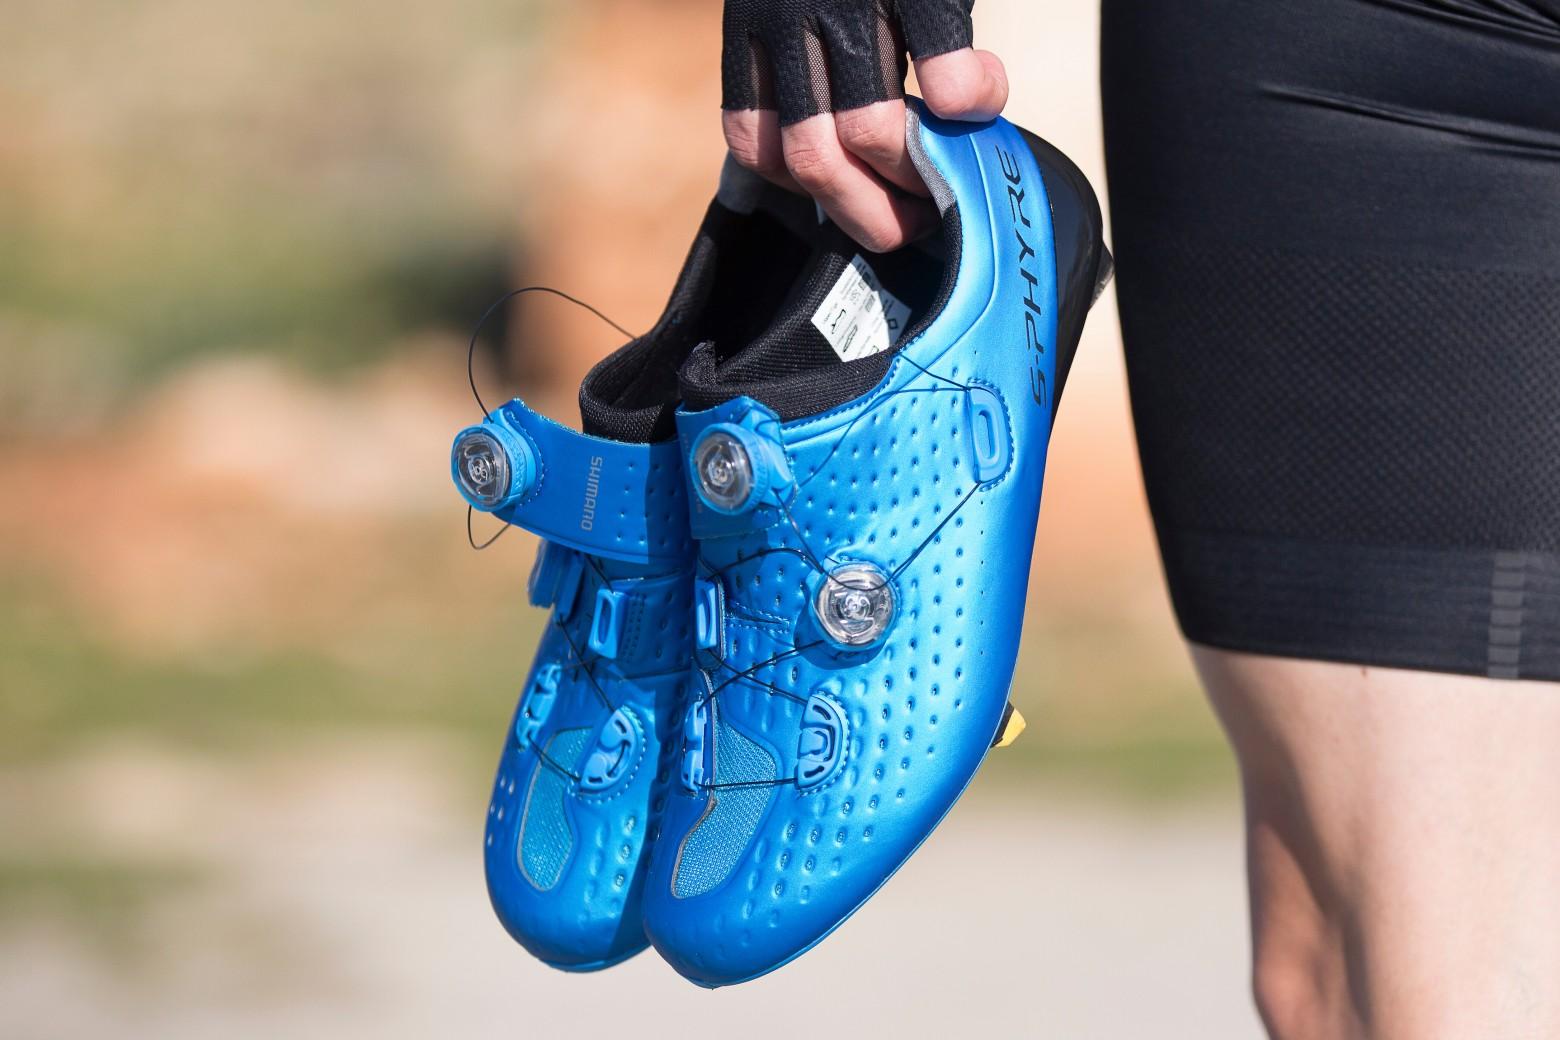 no-comprar-zapatillas-ciclistas-baratas/